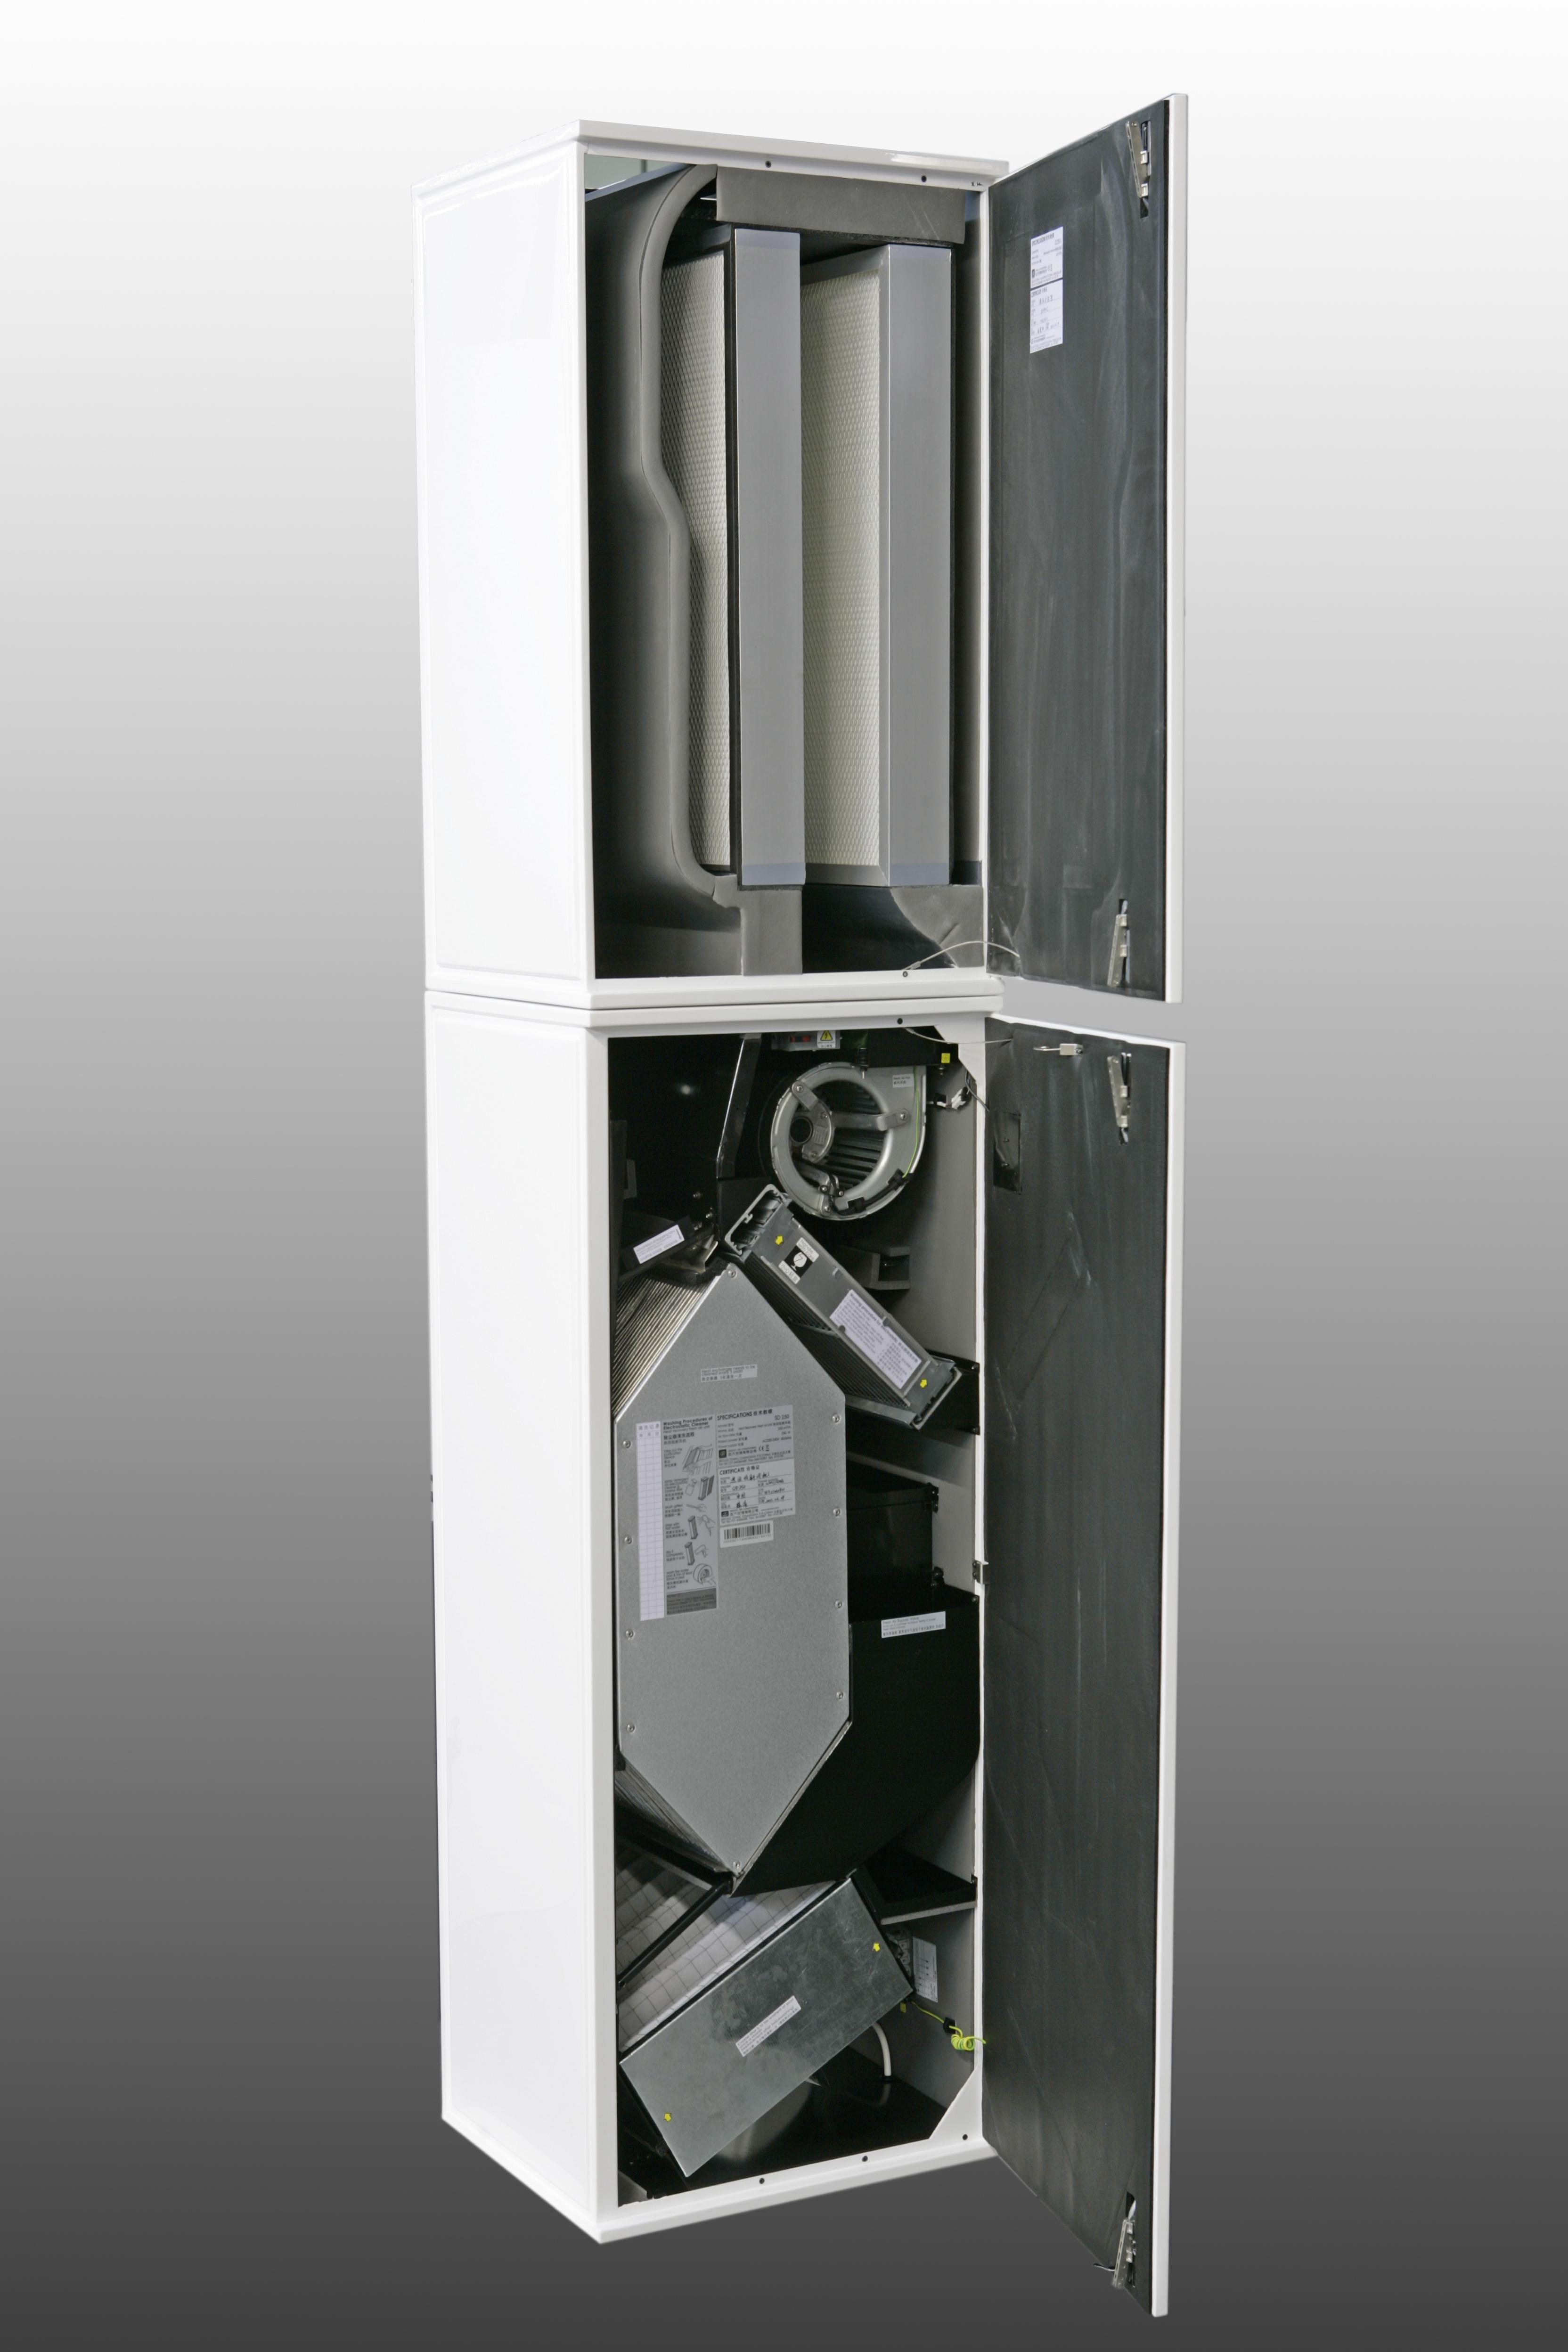 风机新厨柜sd250型乐巴士远大图片